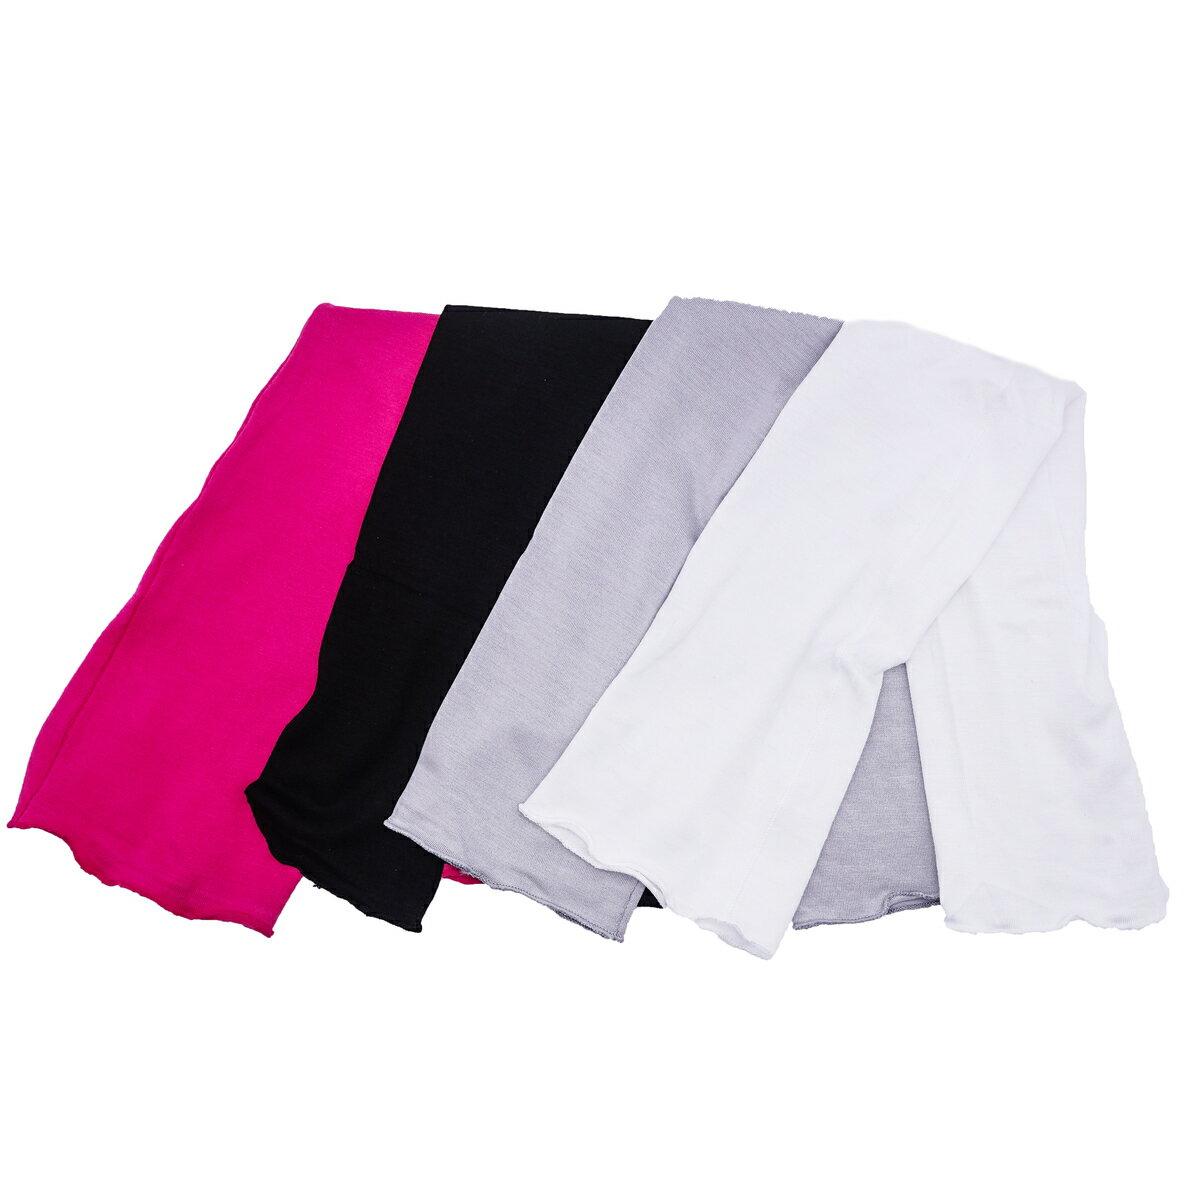 UV手袋  アームカバー ショート レディース UVカット 手袋 ショート アームカバー UV対策 紫外線対策 グッズ UV手袋 レディース アームカバー 指切り 指なし 日焼け防止 日焼け対策 手 涼しい 手袋 夏用